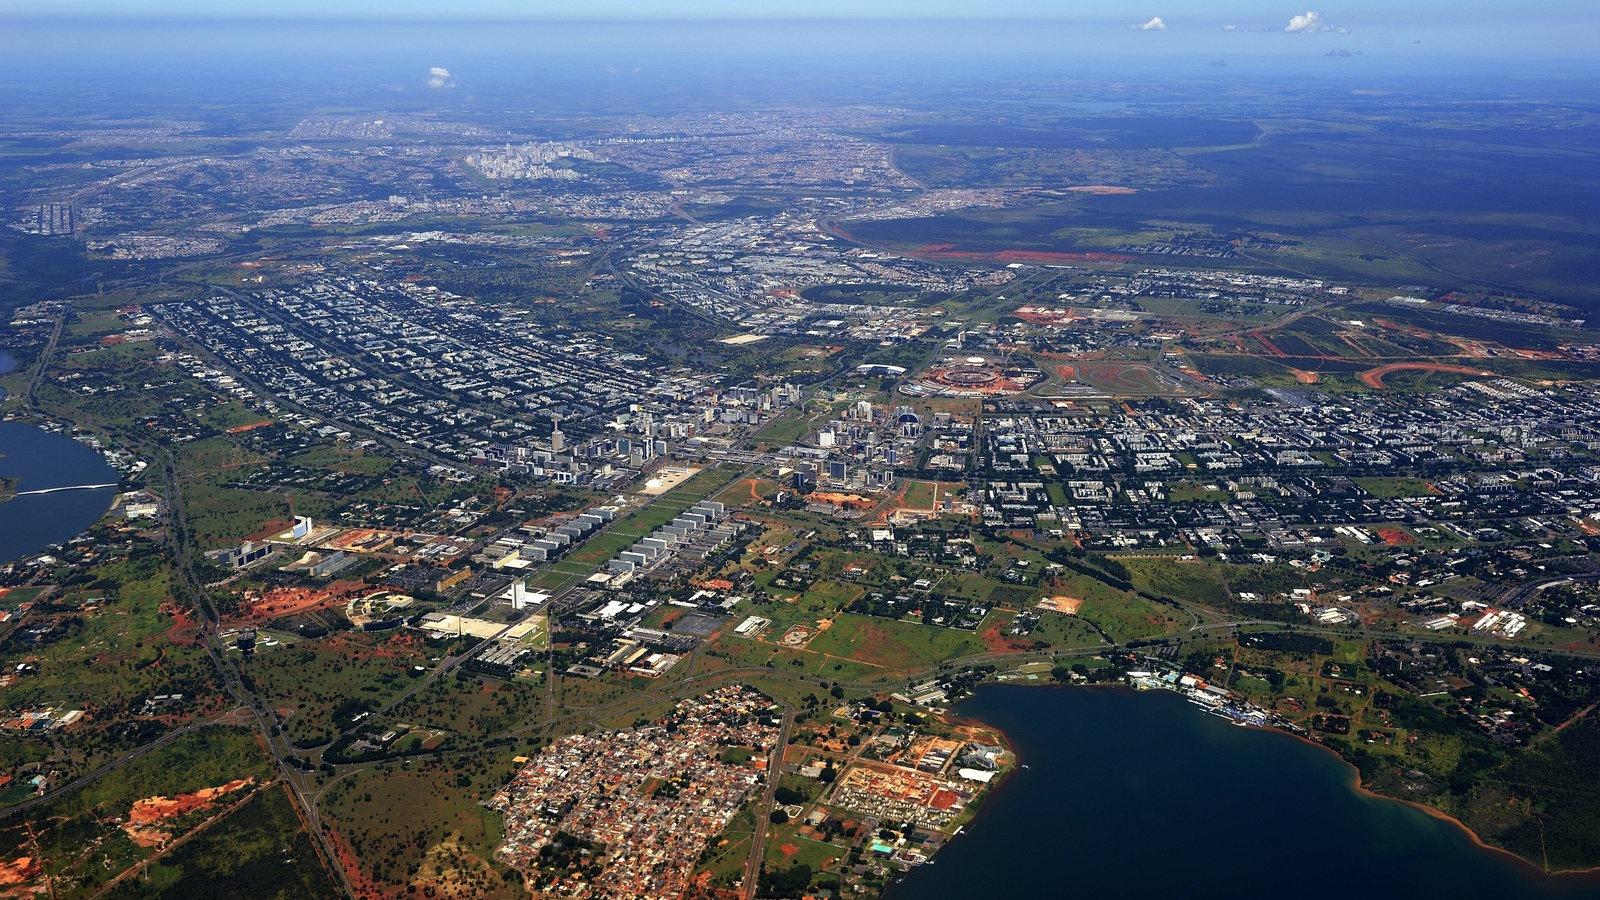 ZeitZeichen-19-April-1956-Bras-lia-soll-Brasiliens-neue-Hauptstadt-werden